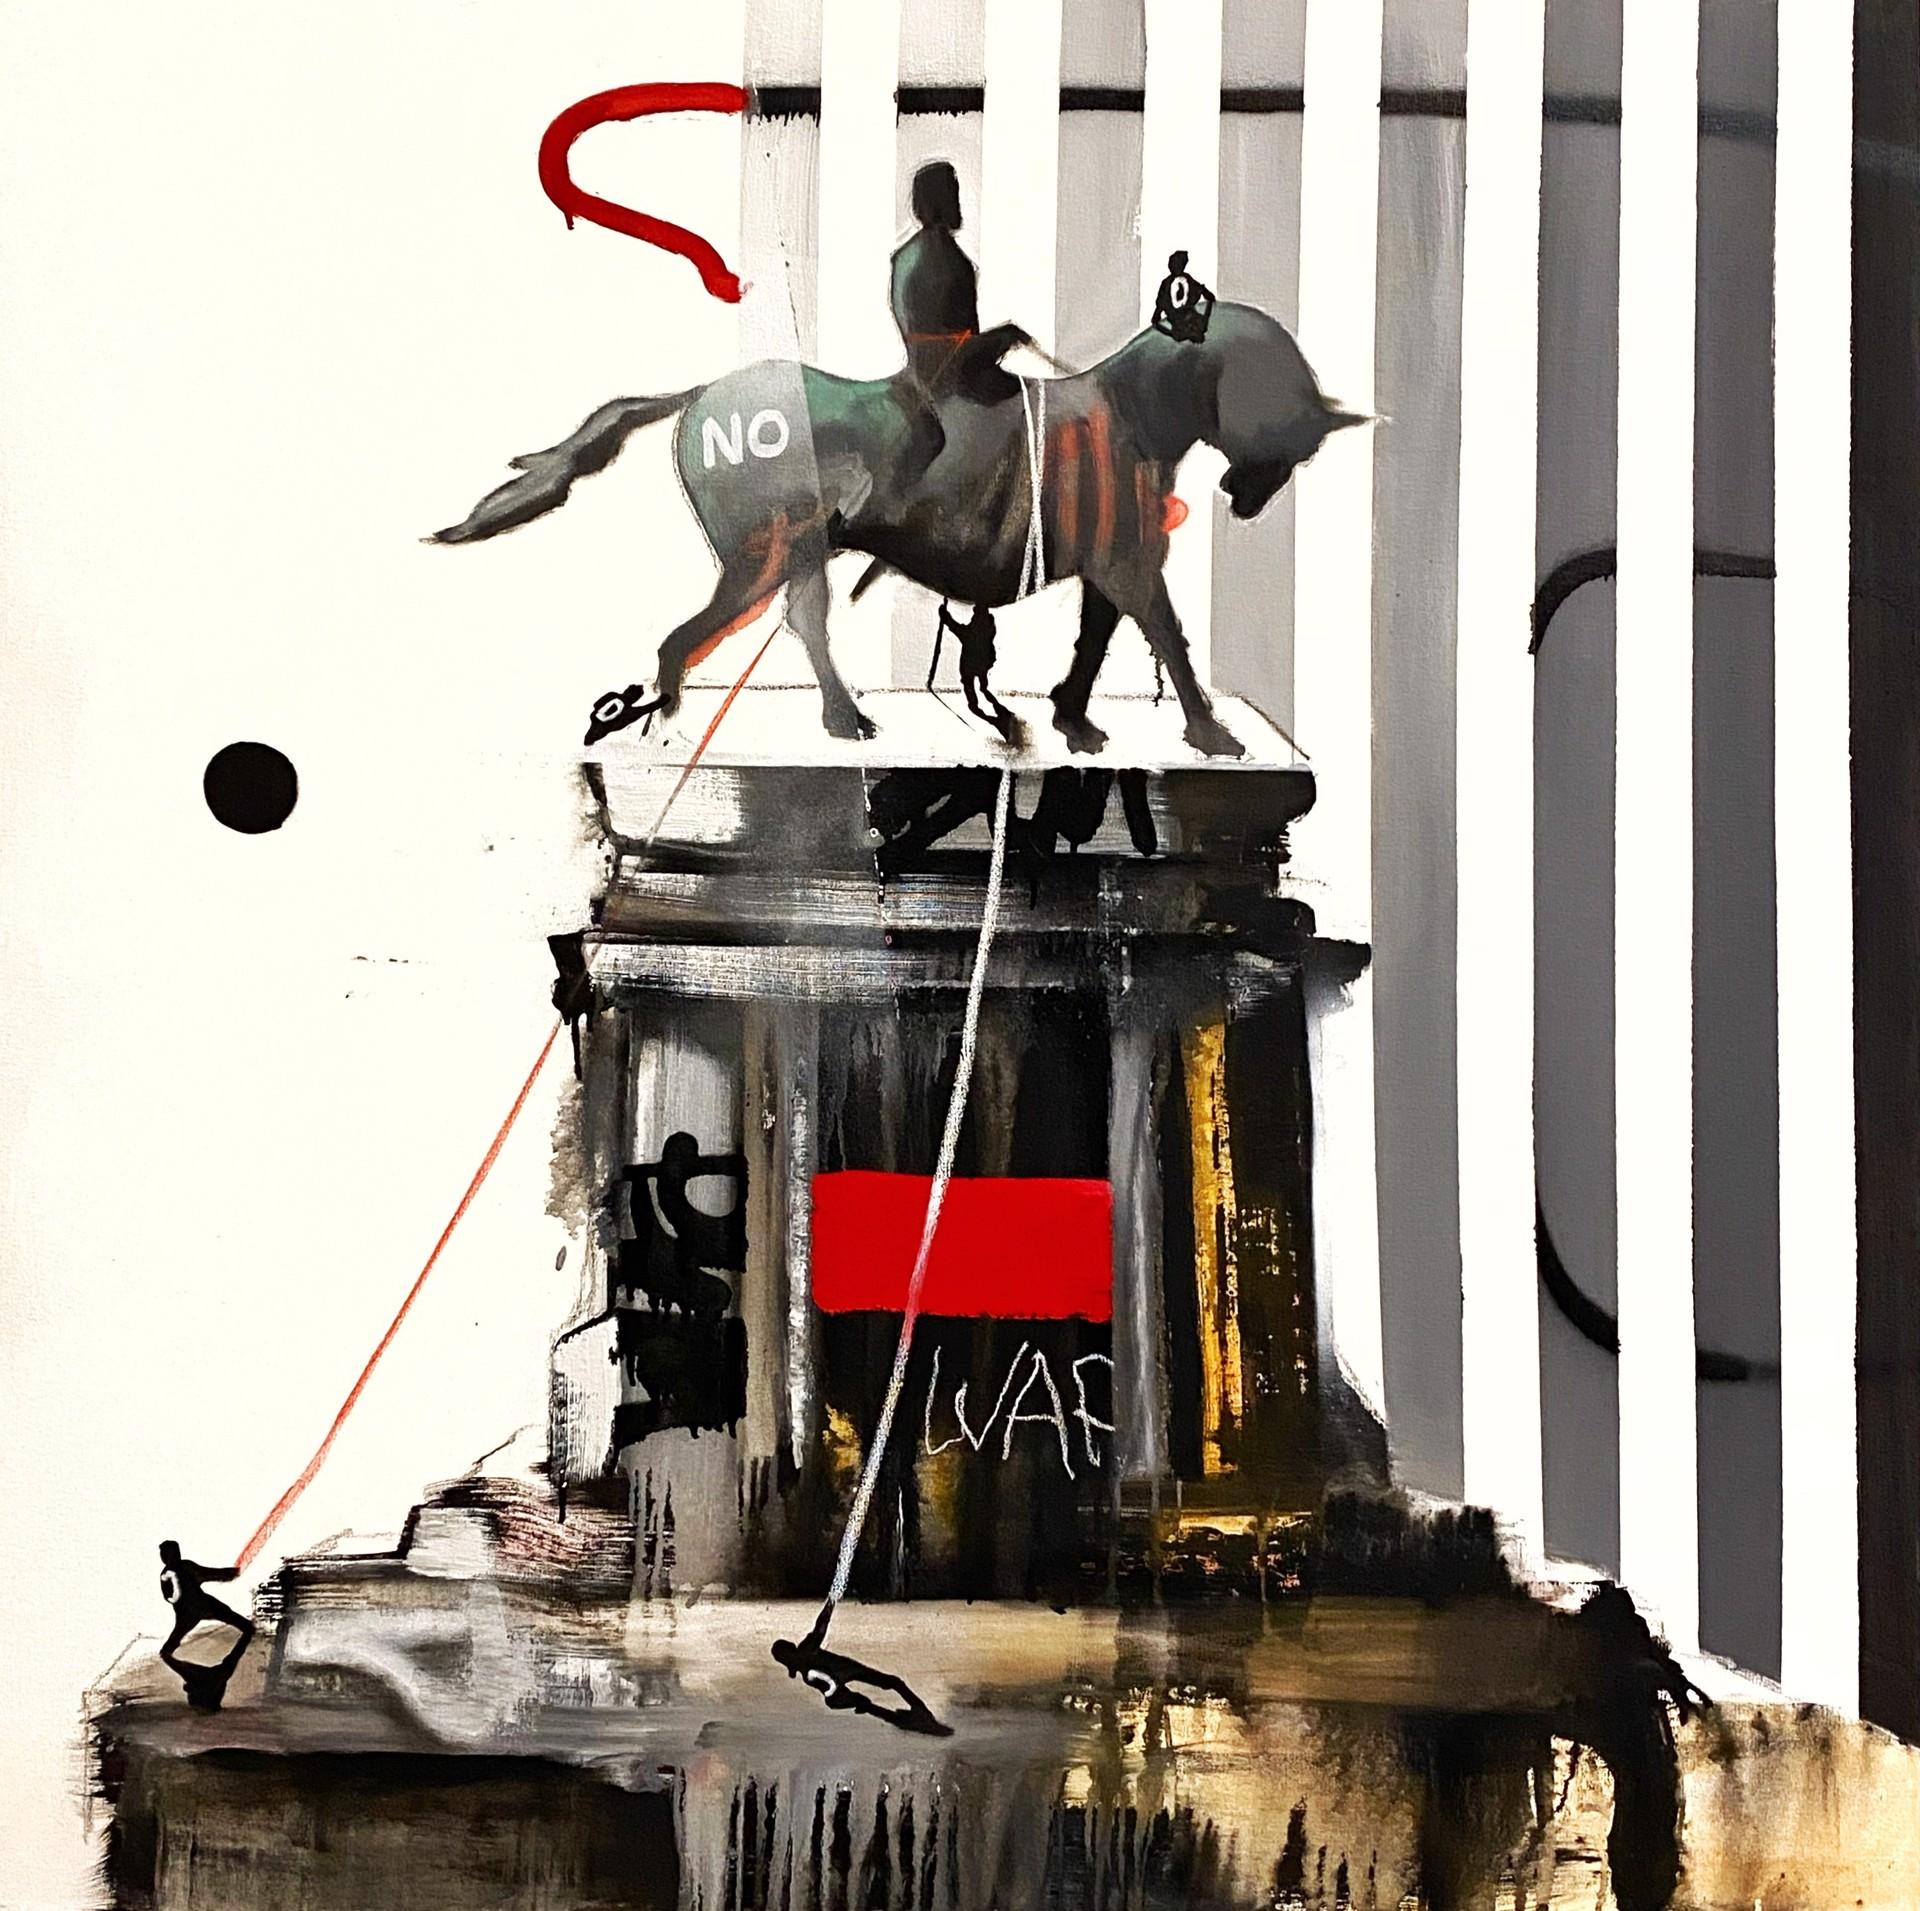 Monument Wars #6 by Marcus Jansen (b. 1968)